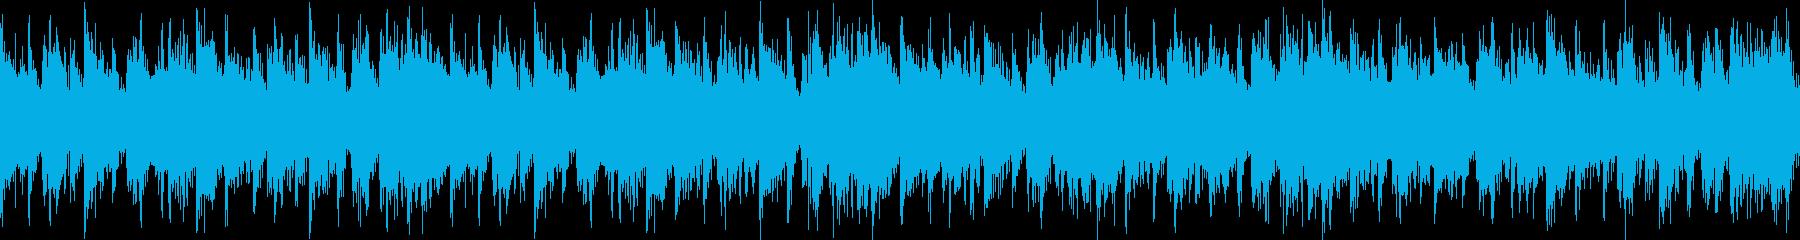 急き立てるシリアスなシンセとアコギの曲の再生済みの波形